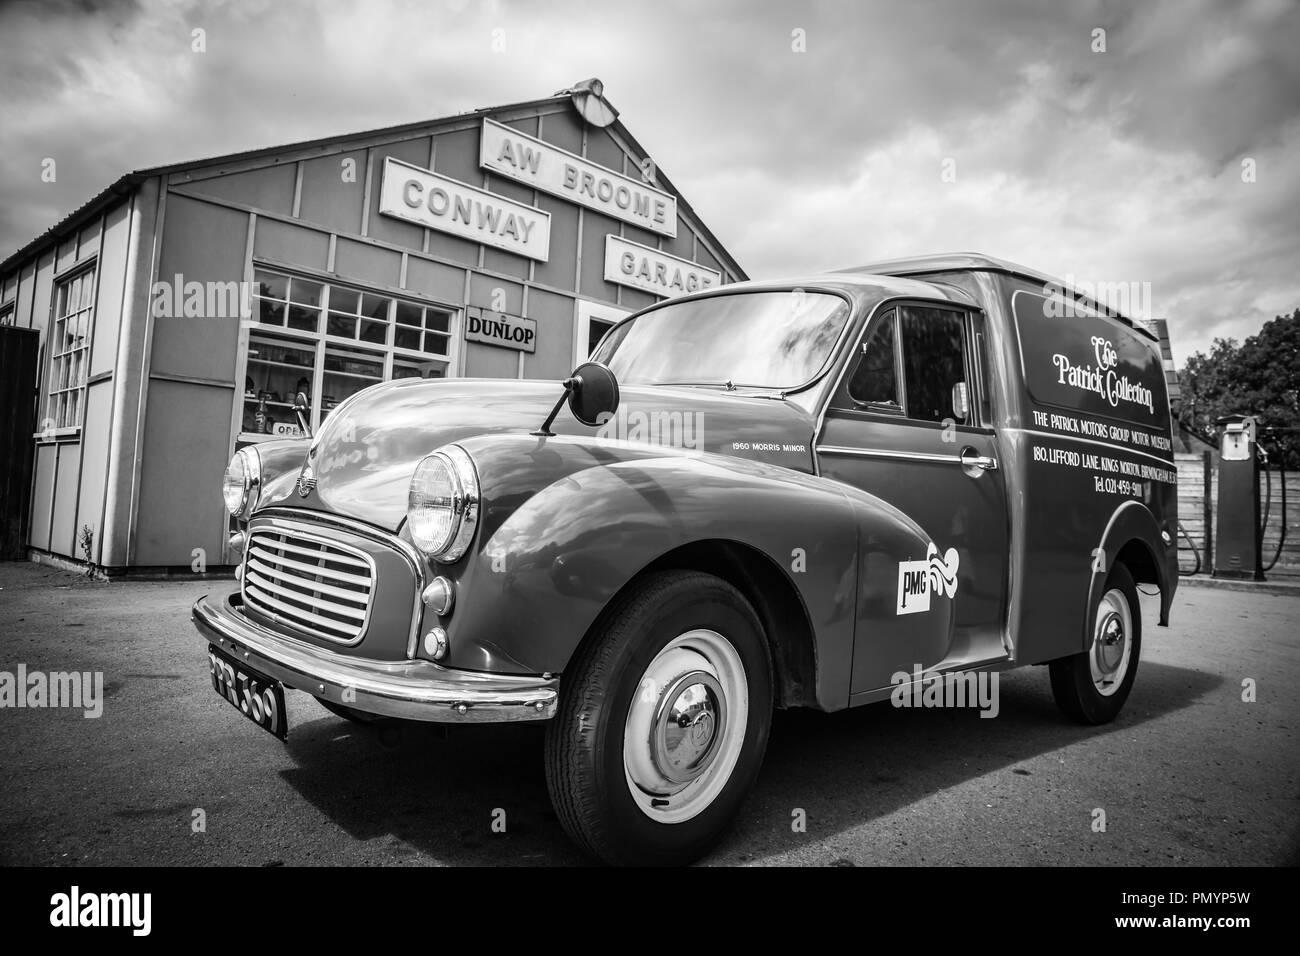 Arty, black and white, landscape shot of vintage vehicle parked outside vintage garage. - Stock Image